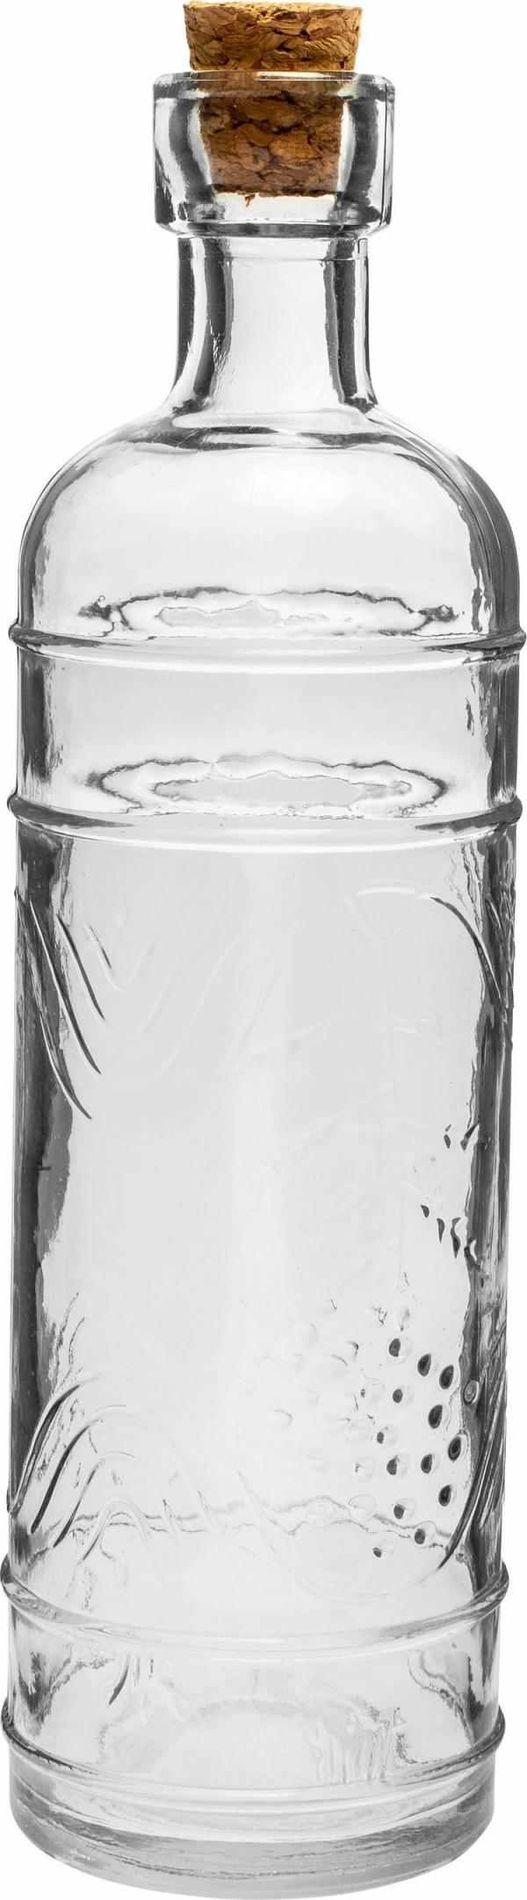 Skleněná láhev s korkovým uzávěrem 170 ml SORBO